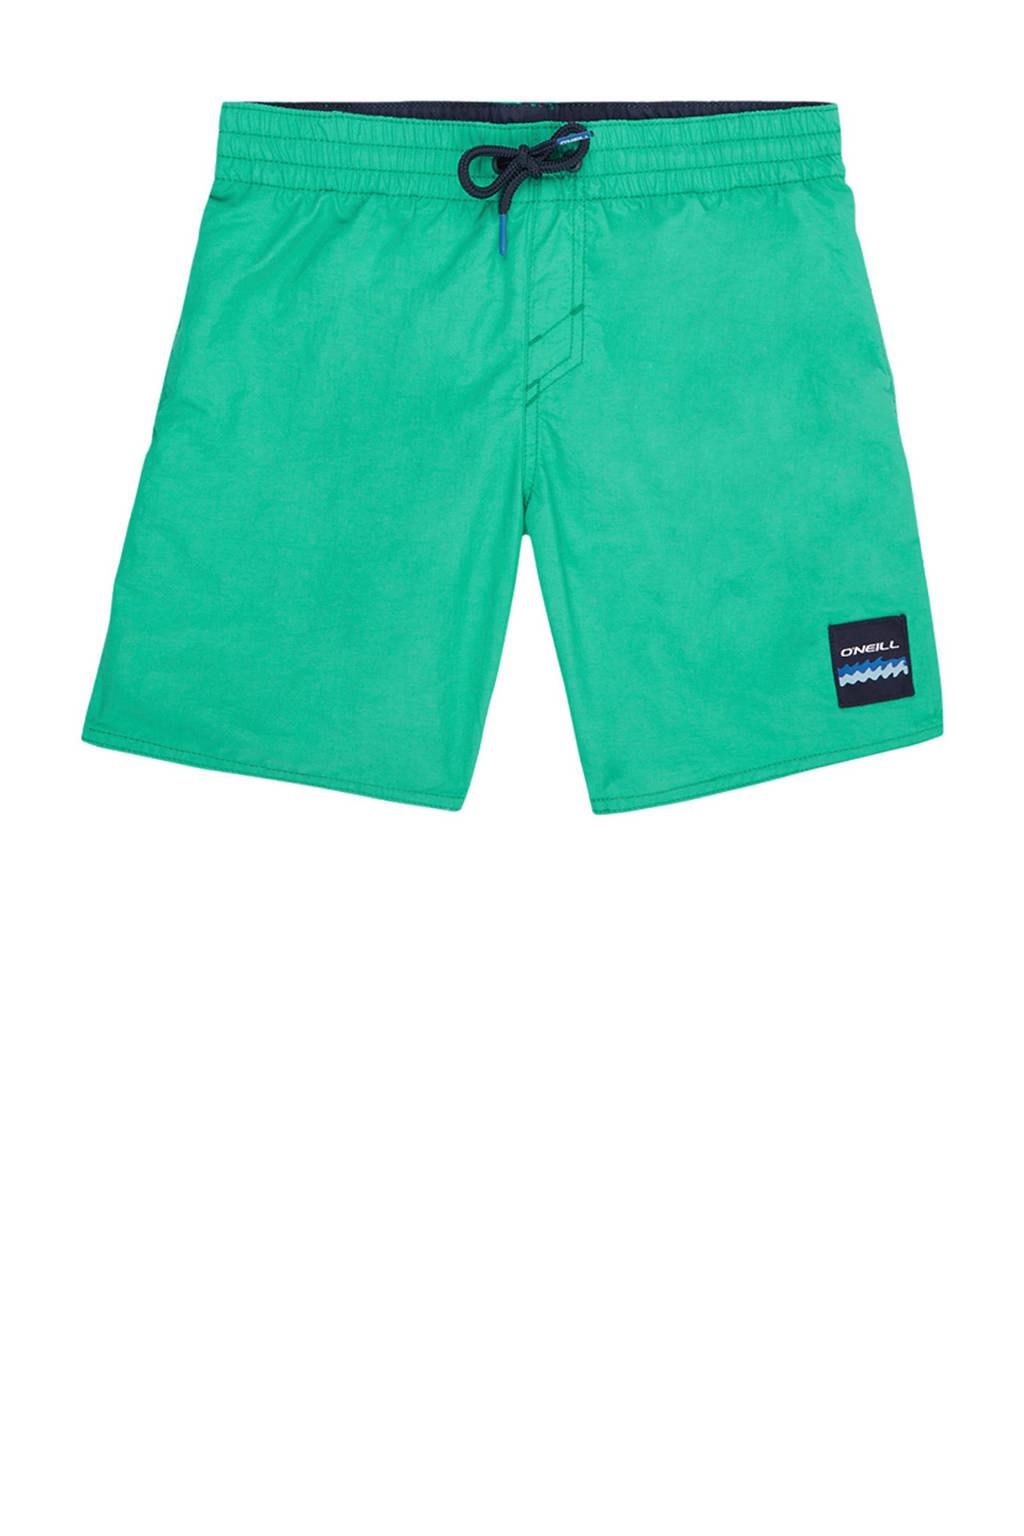 O'Neill zwemshort Vert groen, Groen